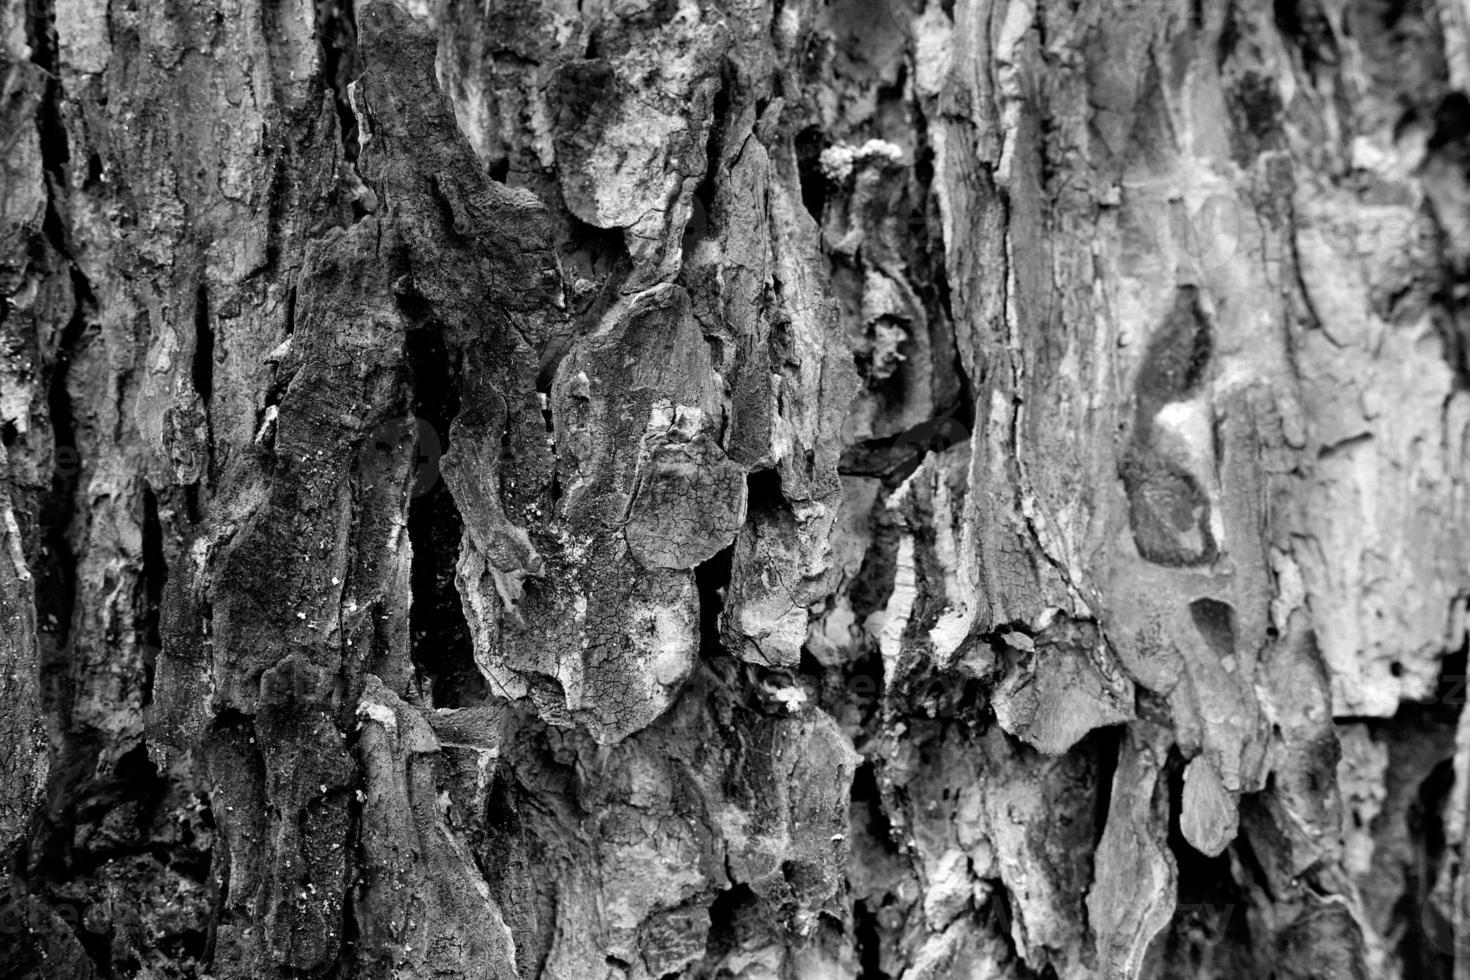 zwart-wit detail van boomschors foto